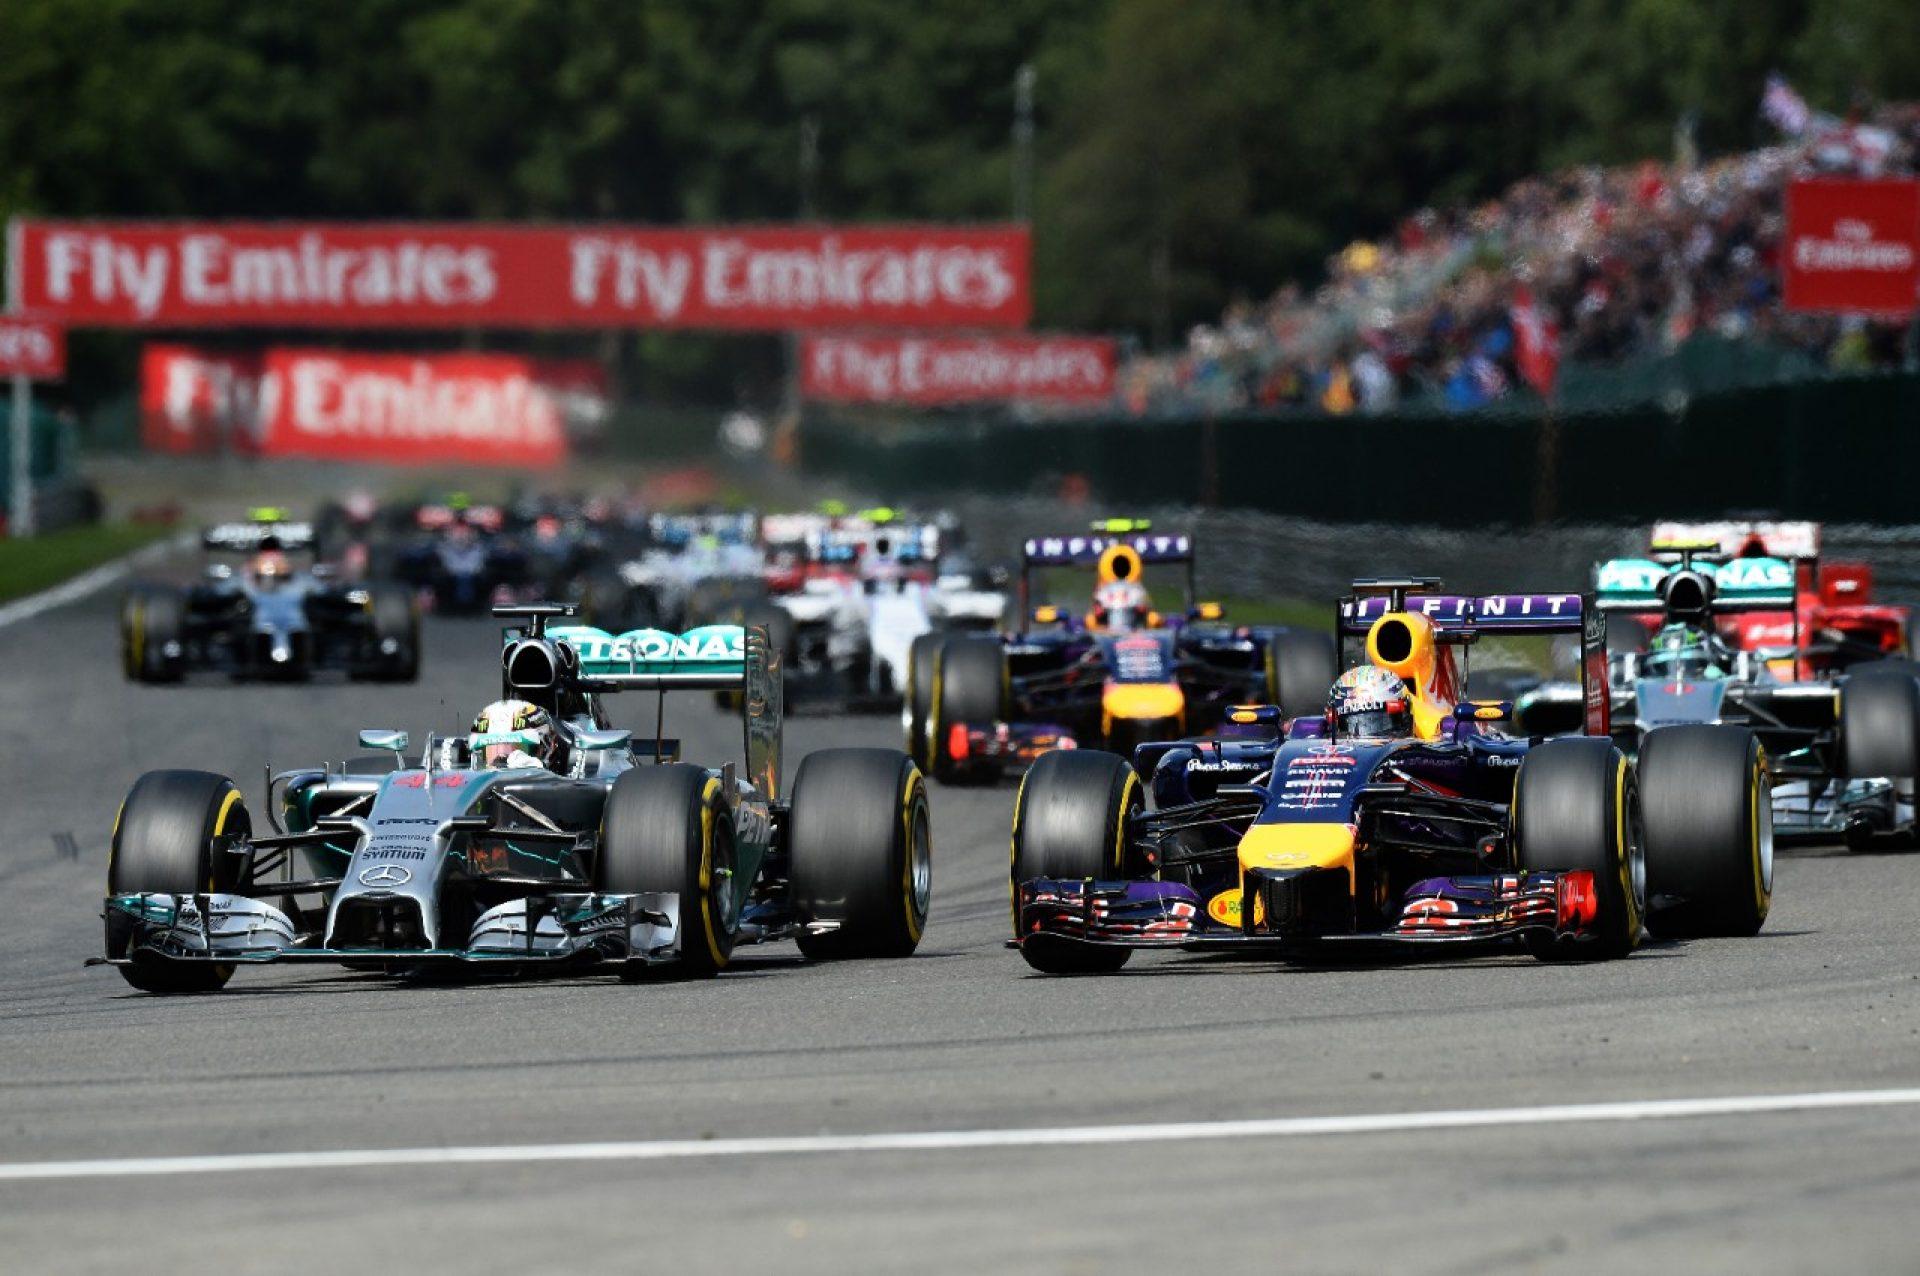 Ainda sem piloto no grid, Brasil tem retorno tímido à Fórmula 1 em 2019